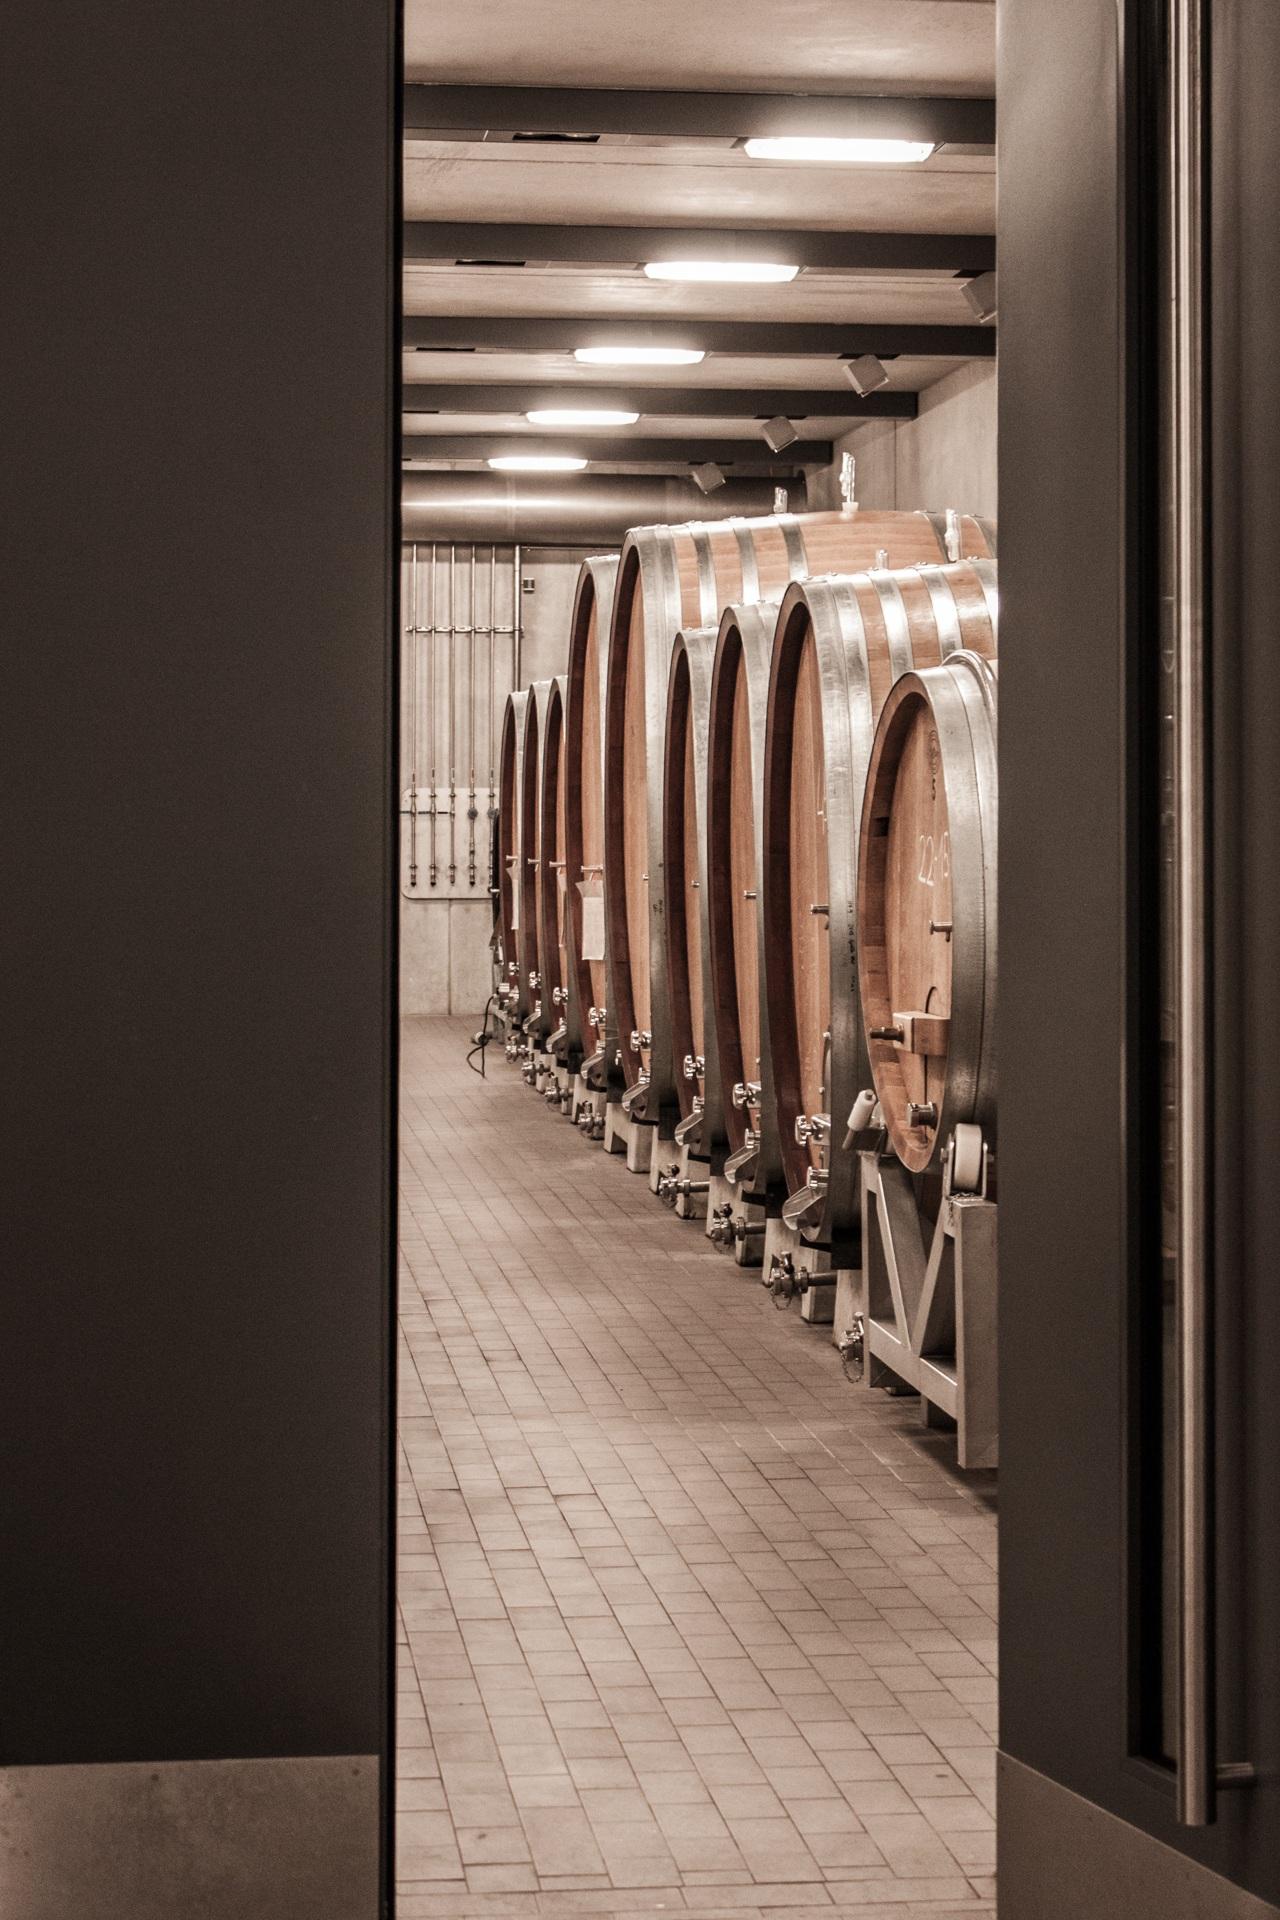 Meuble En Tonneau De Vin images gratuites : du vin, salle, meubles, chambre